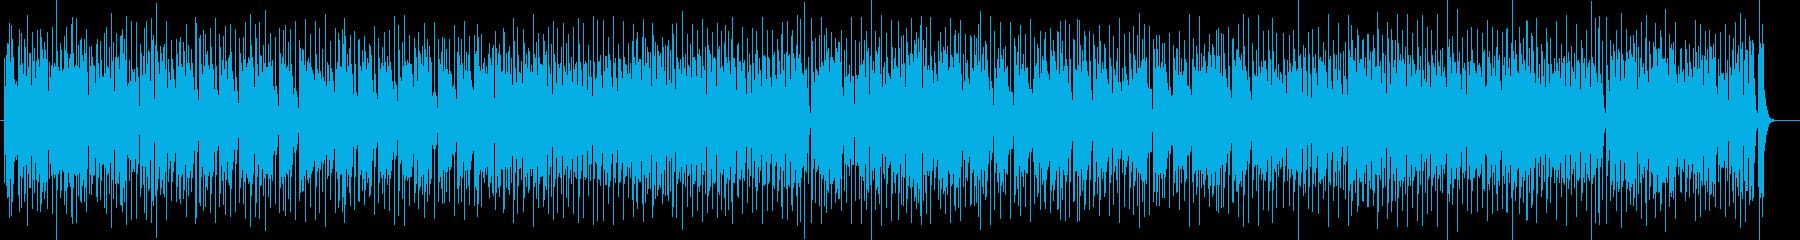 爽快感のあるドラムシンセサイザー系曲の再生済みの波形